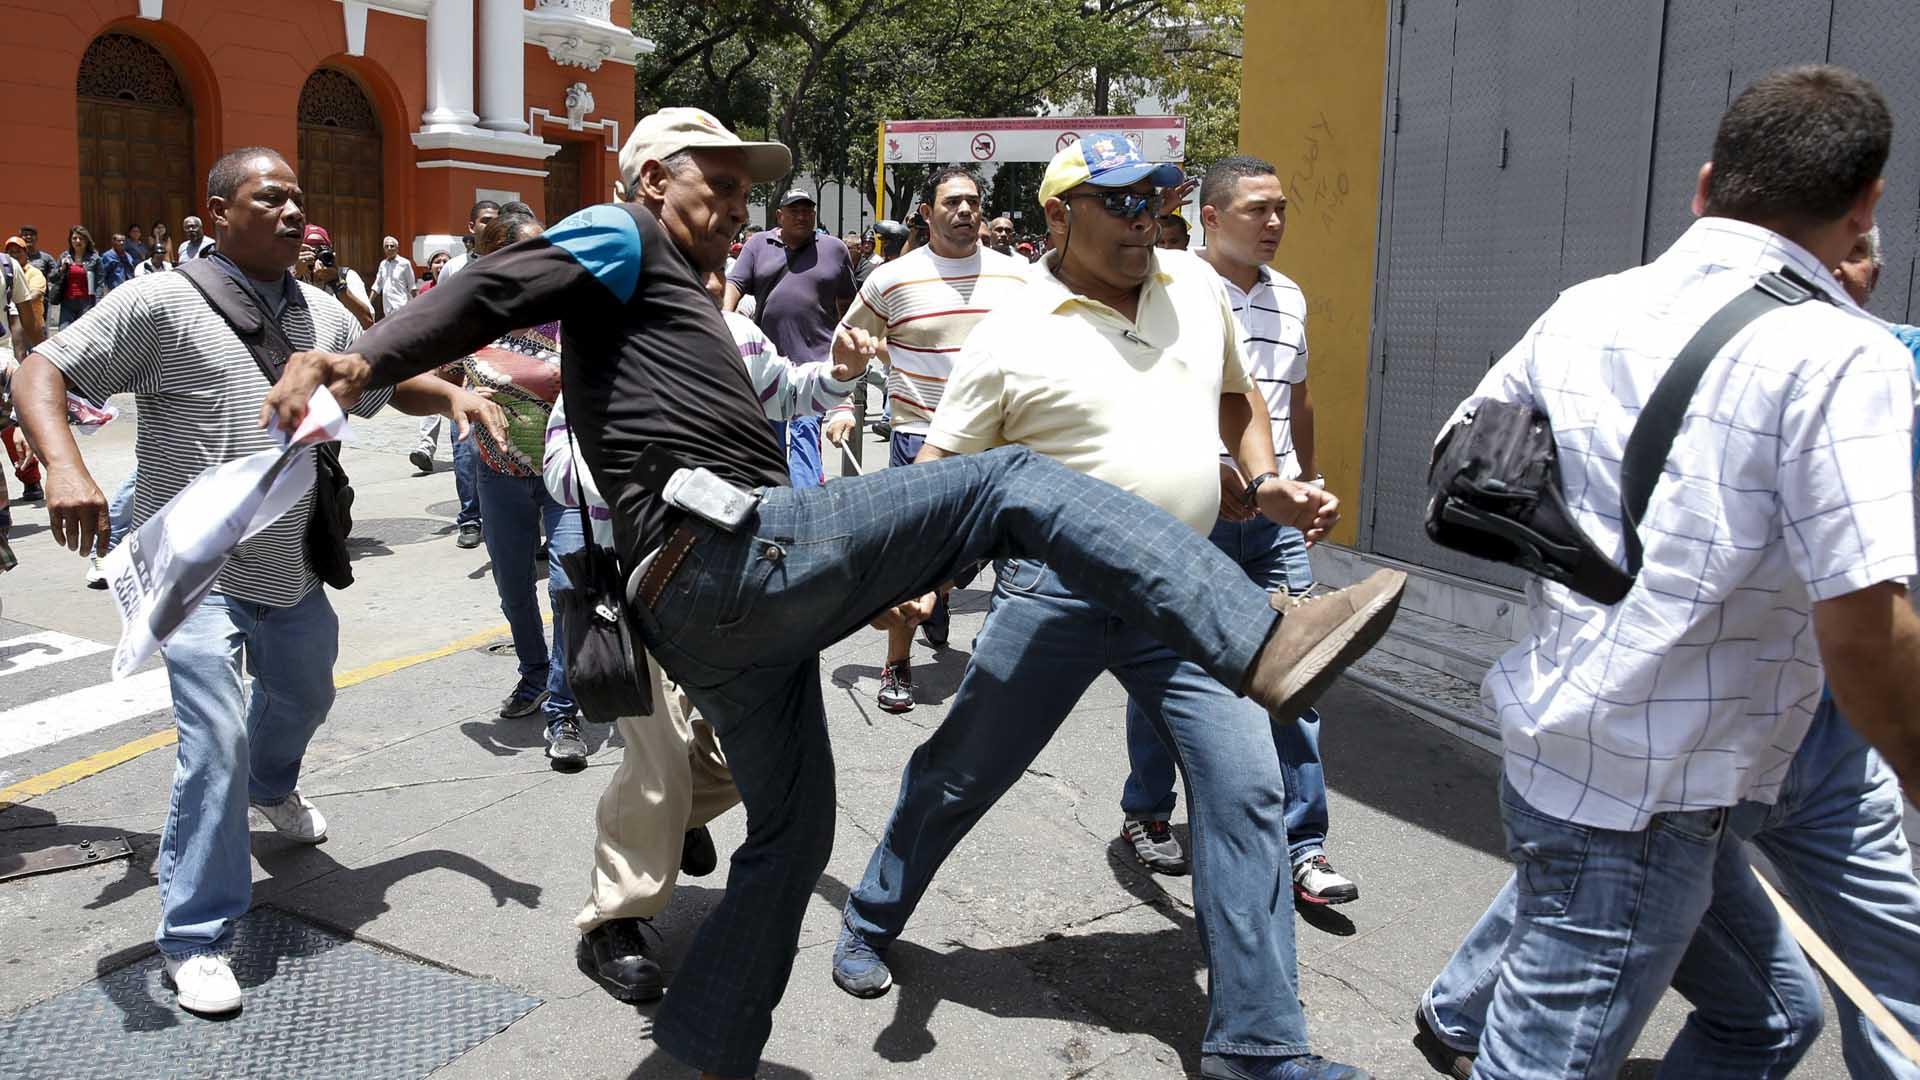 Al parecer habría una persona fallecida en medio de las agresiones entre las facciones presentes frente al Palacio de Justicia